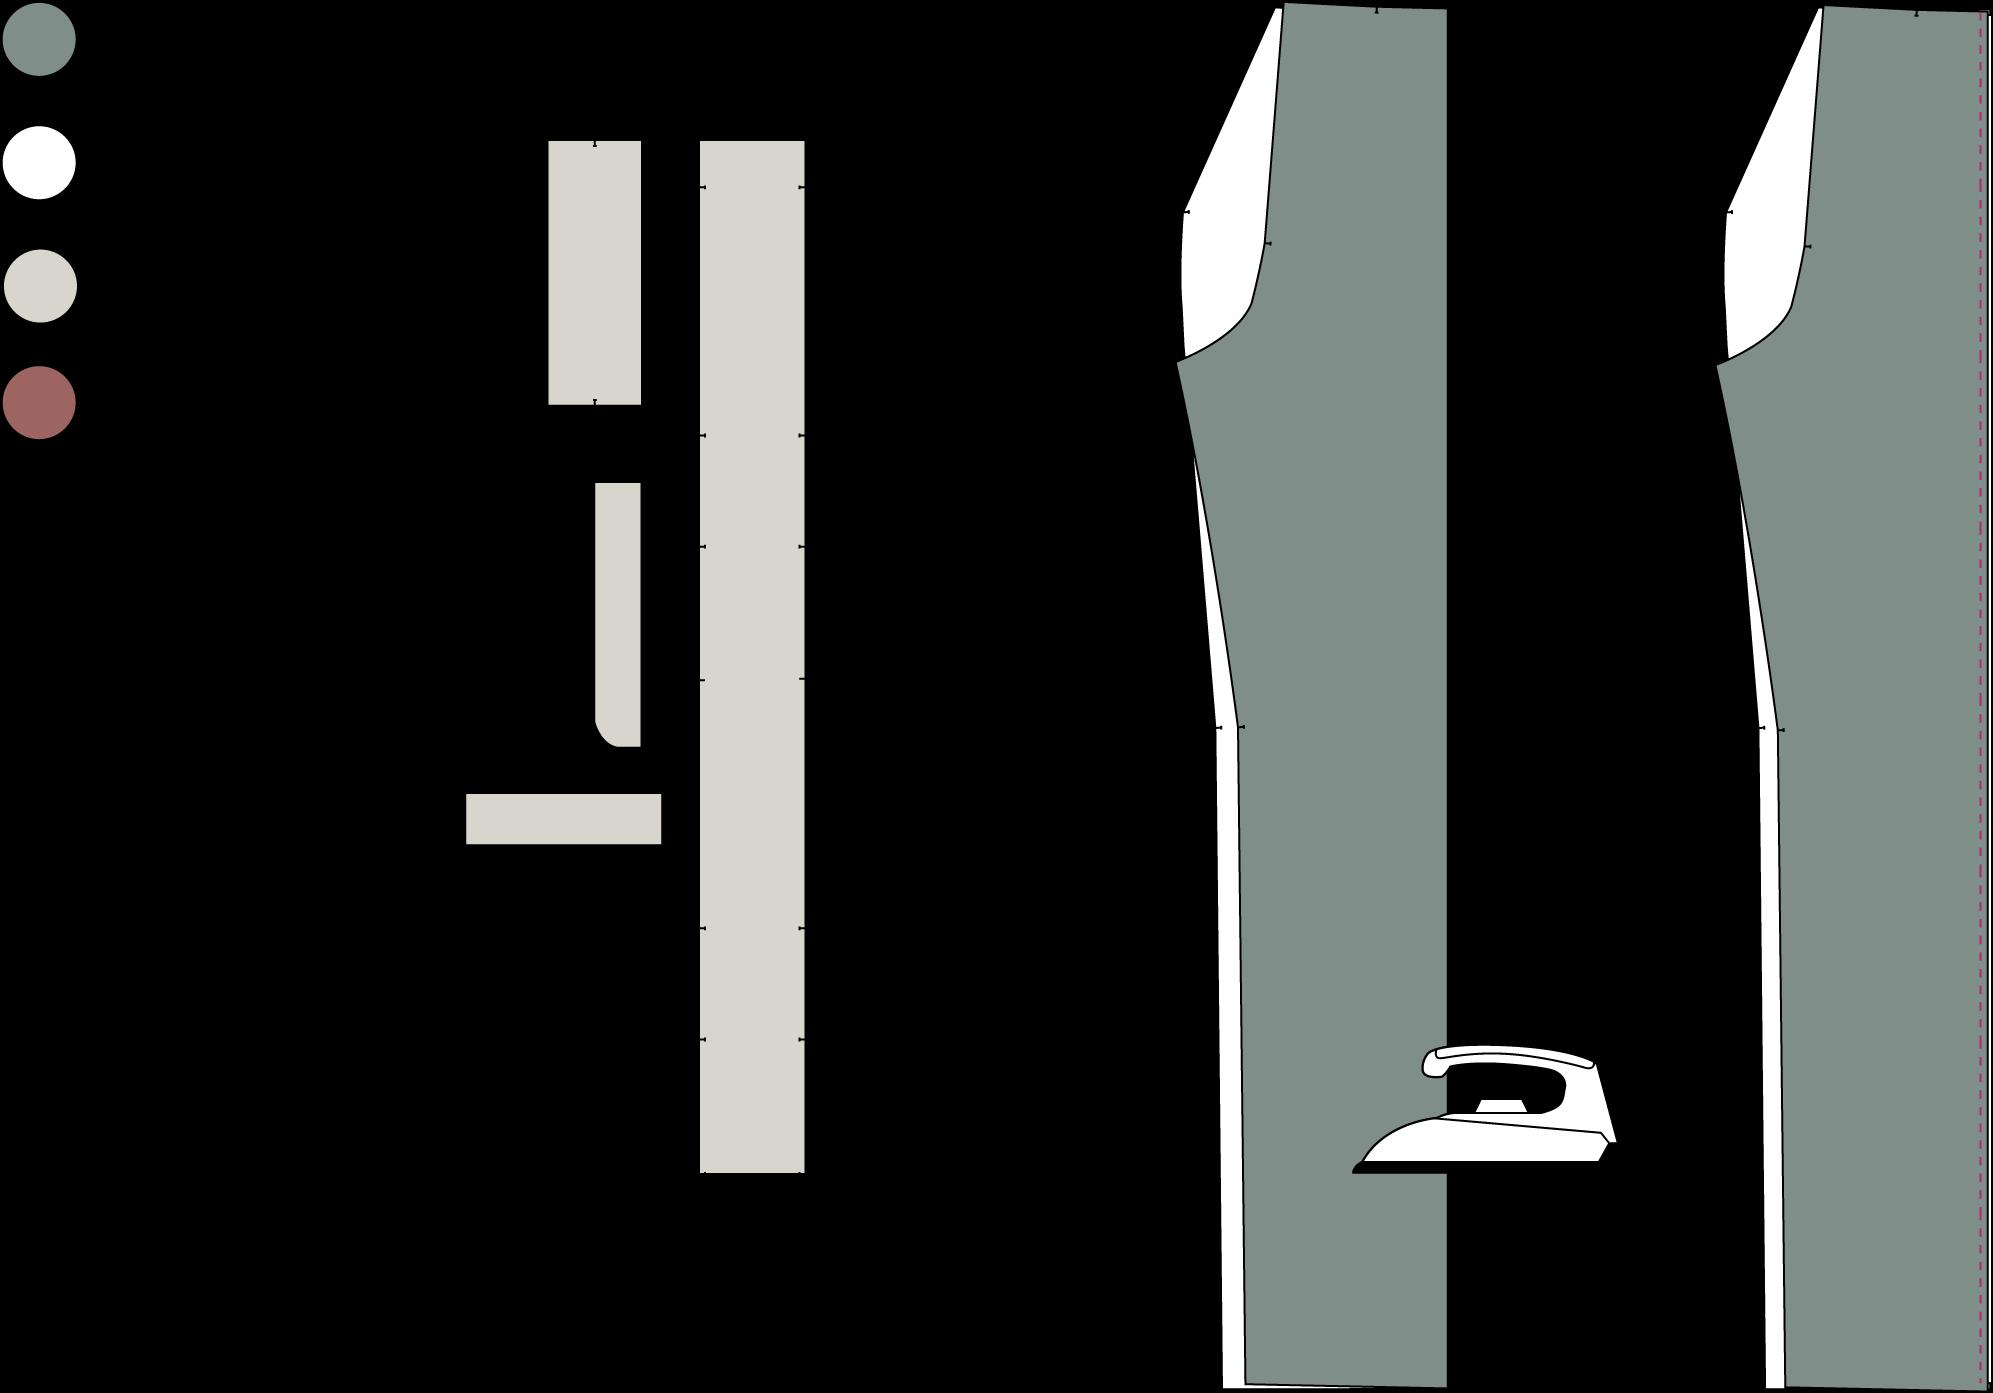 v1 1-4.png